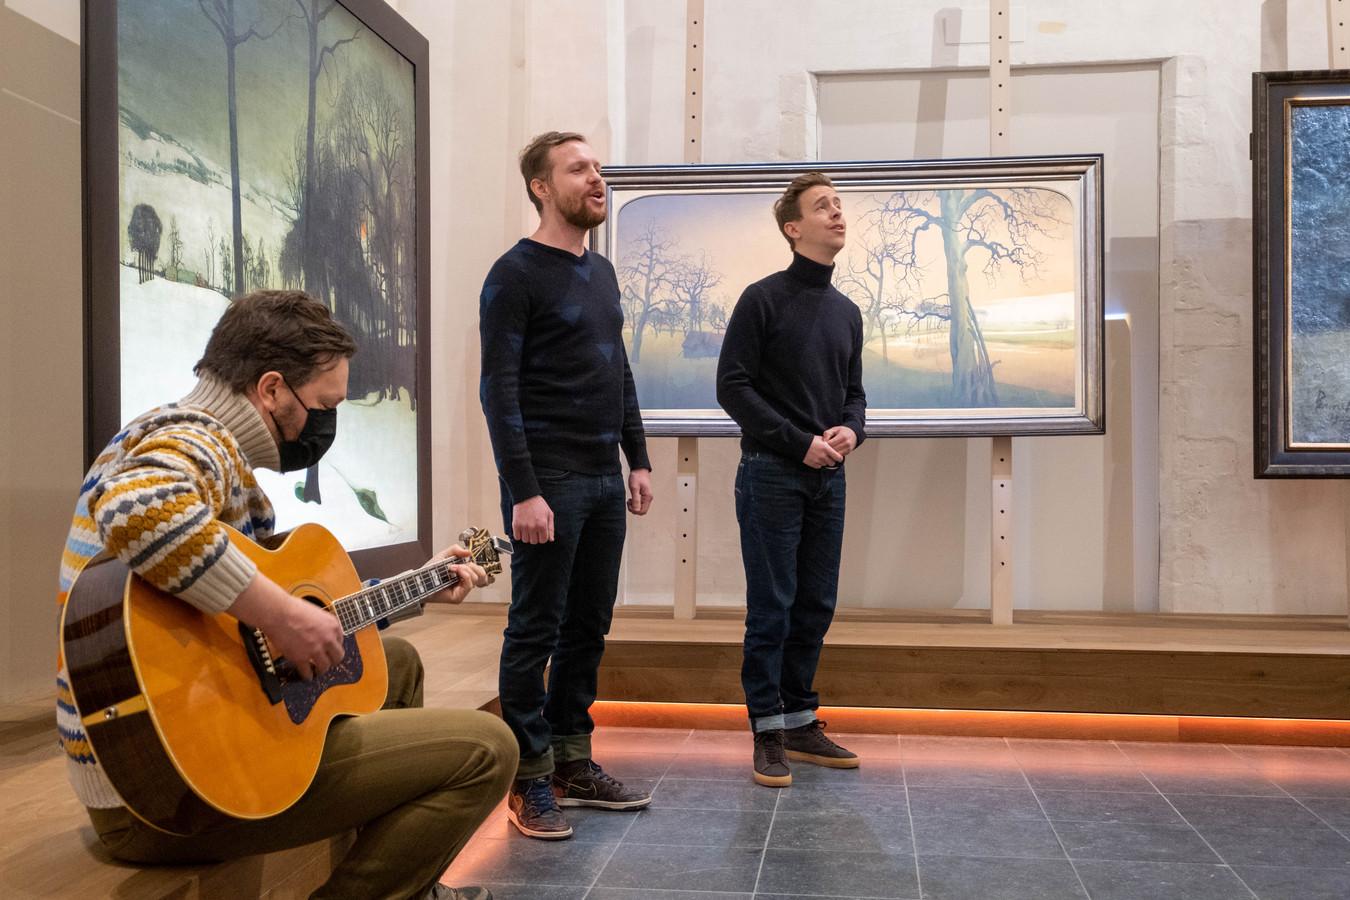 MECHELEN Jelle Cleymans en Jonas Van Geel zingen Wij Zullen Doorgaan bij de her-heropening van Kunstuur